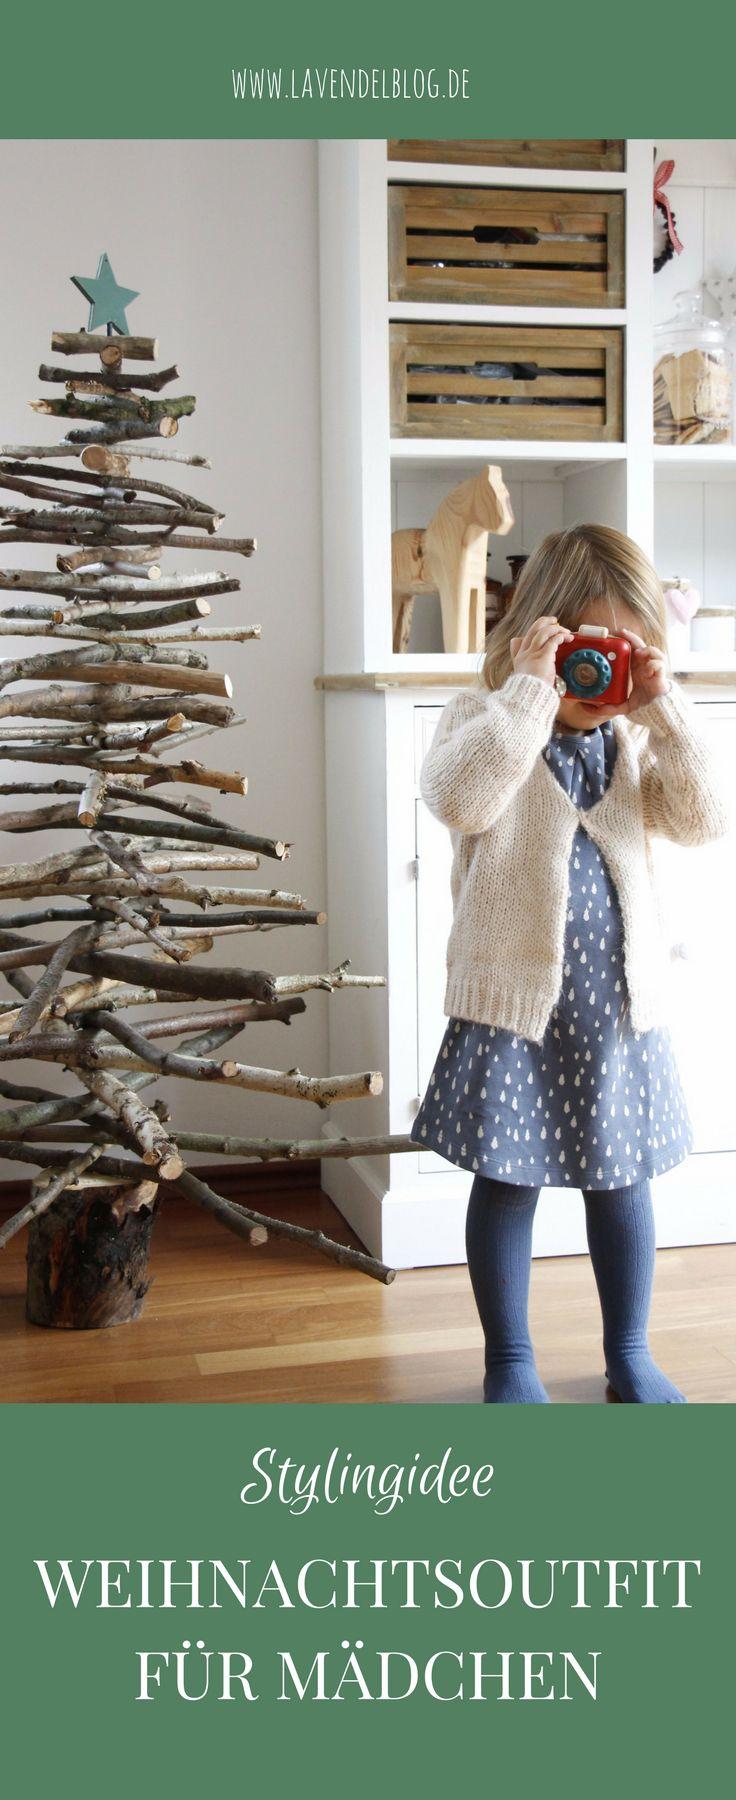 Kinder Weihnachtsoutfit: Dieses Kleid mit Regentropfen ist ein wunderschönes Mädchen Weihnachtsoutfit. Die Stylingidee für Weihnachten ist schnell und einfach umzusetzen. Es handelt sich um Kinderkleidung für Mädchen zum Wohlfühlen. Auch ein Jungenoutfit findet man dort.